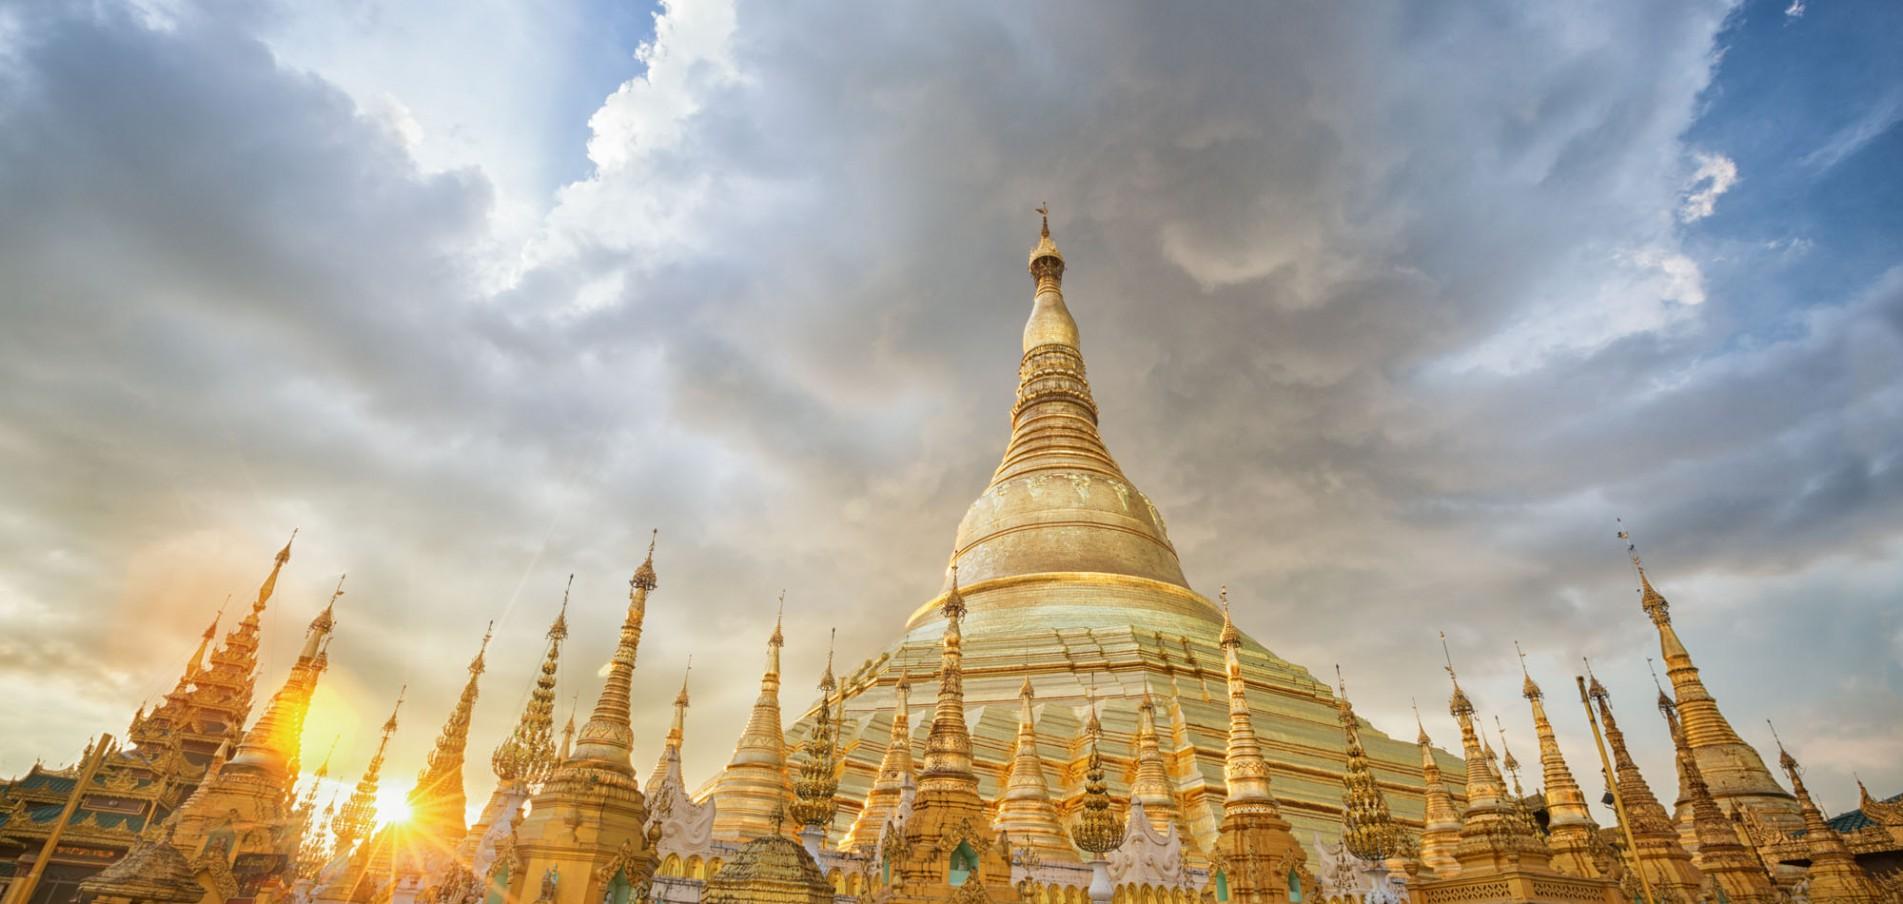 Willkommen in Myanmar ... dem Land der goldenen Pagoden!